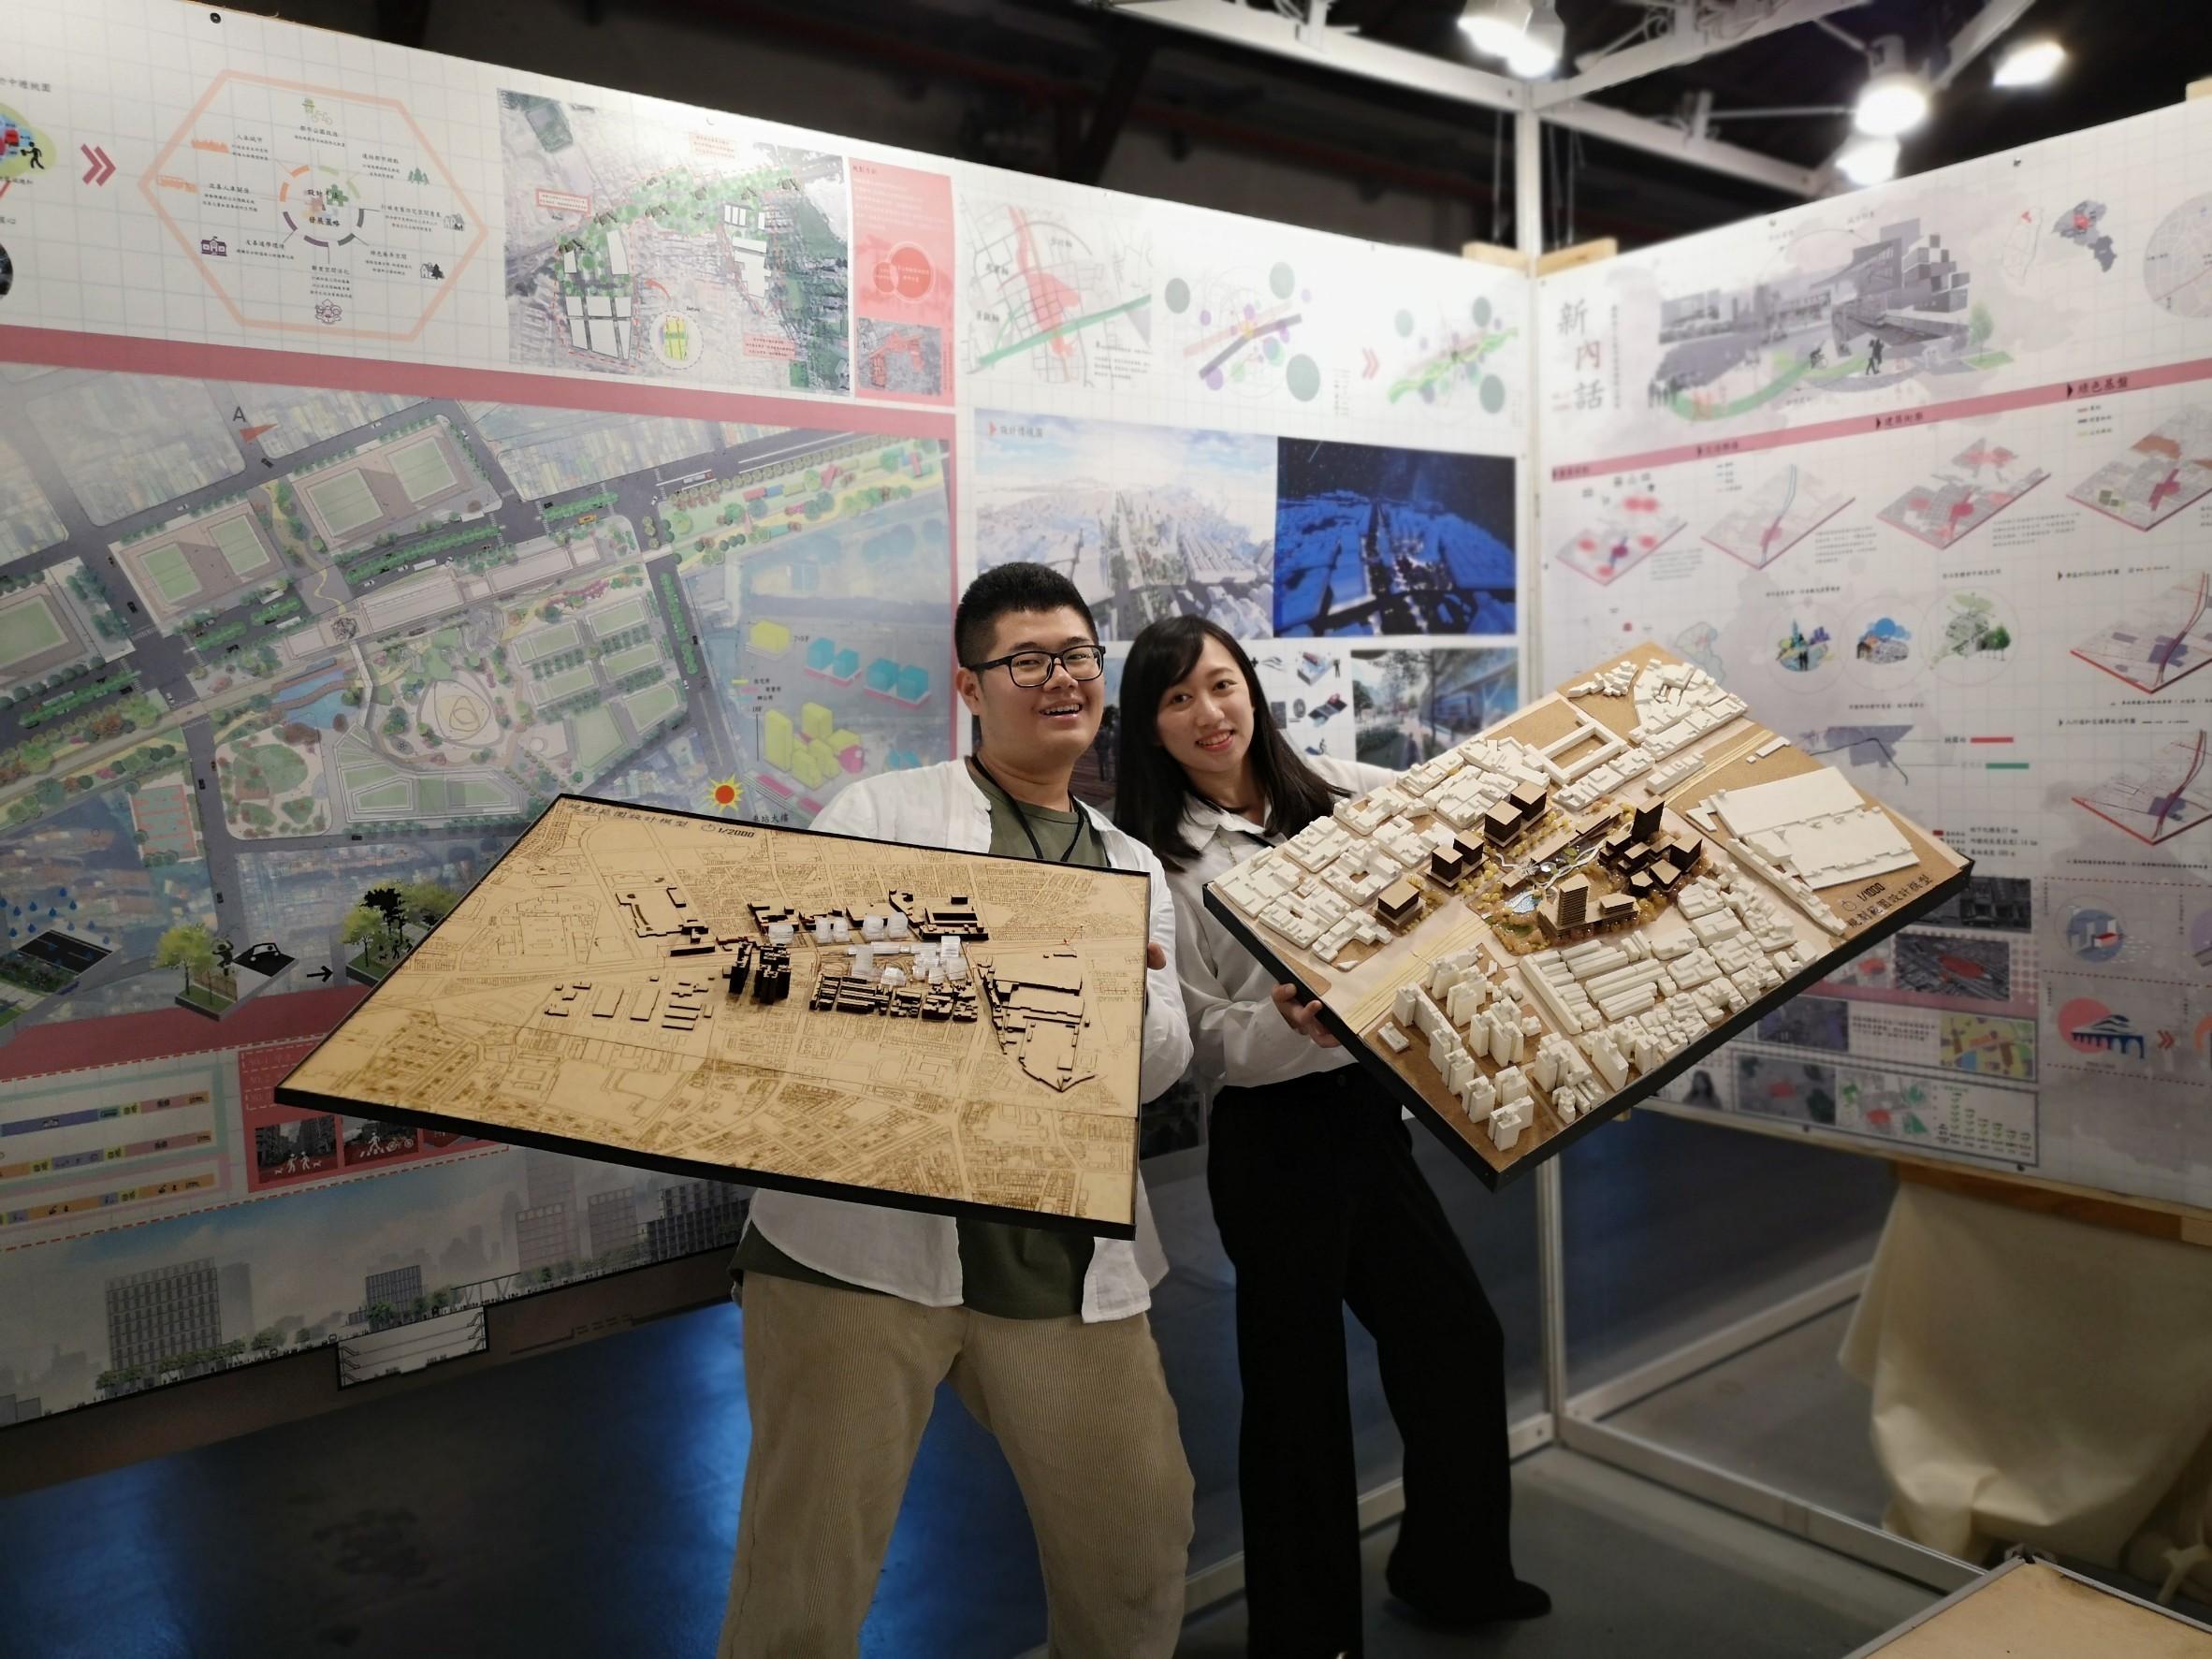 中原大學景觀系運用環境設計專業 為台灣打造宜居城市